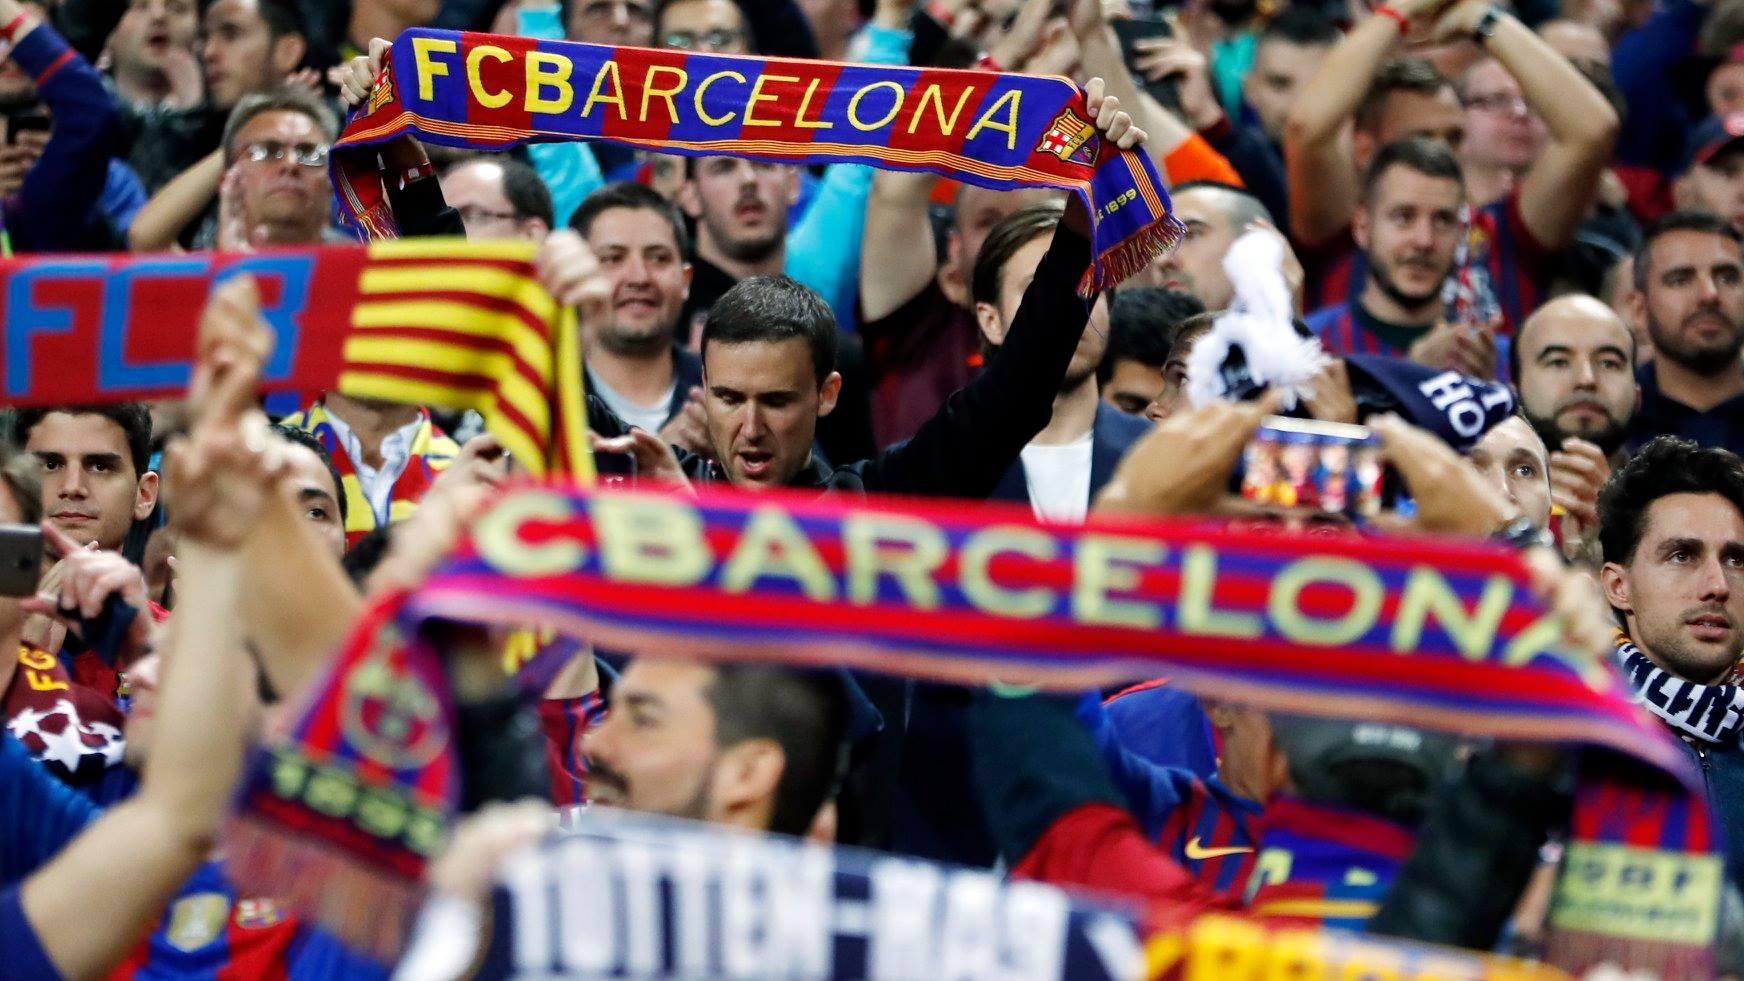 Испанският шампион Барселона представи специално видео, посветено на предстоящата реконструкция